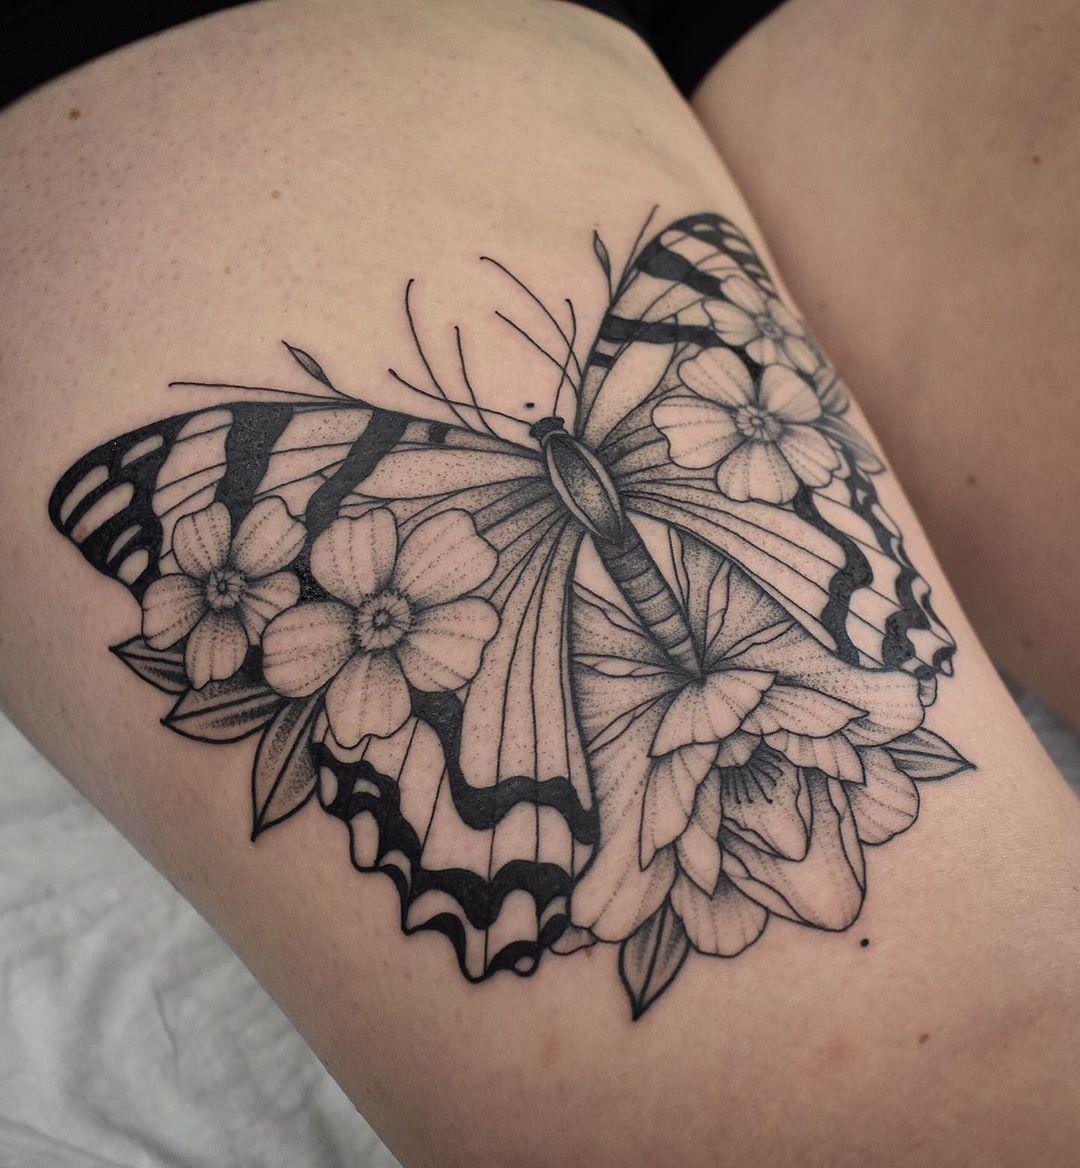 татуировки в виде бабочек фото 20